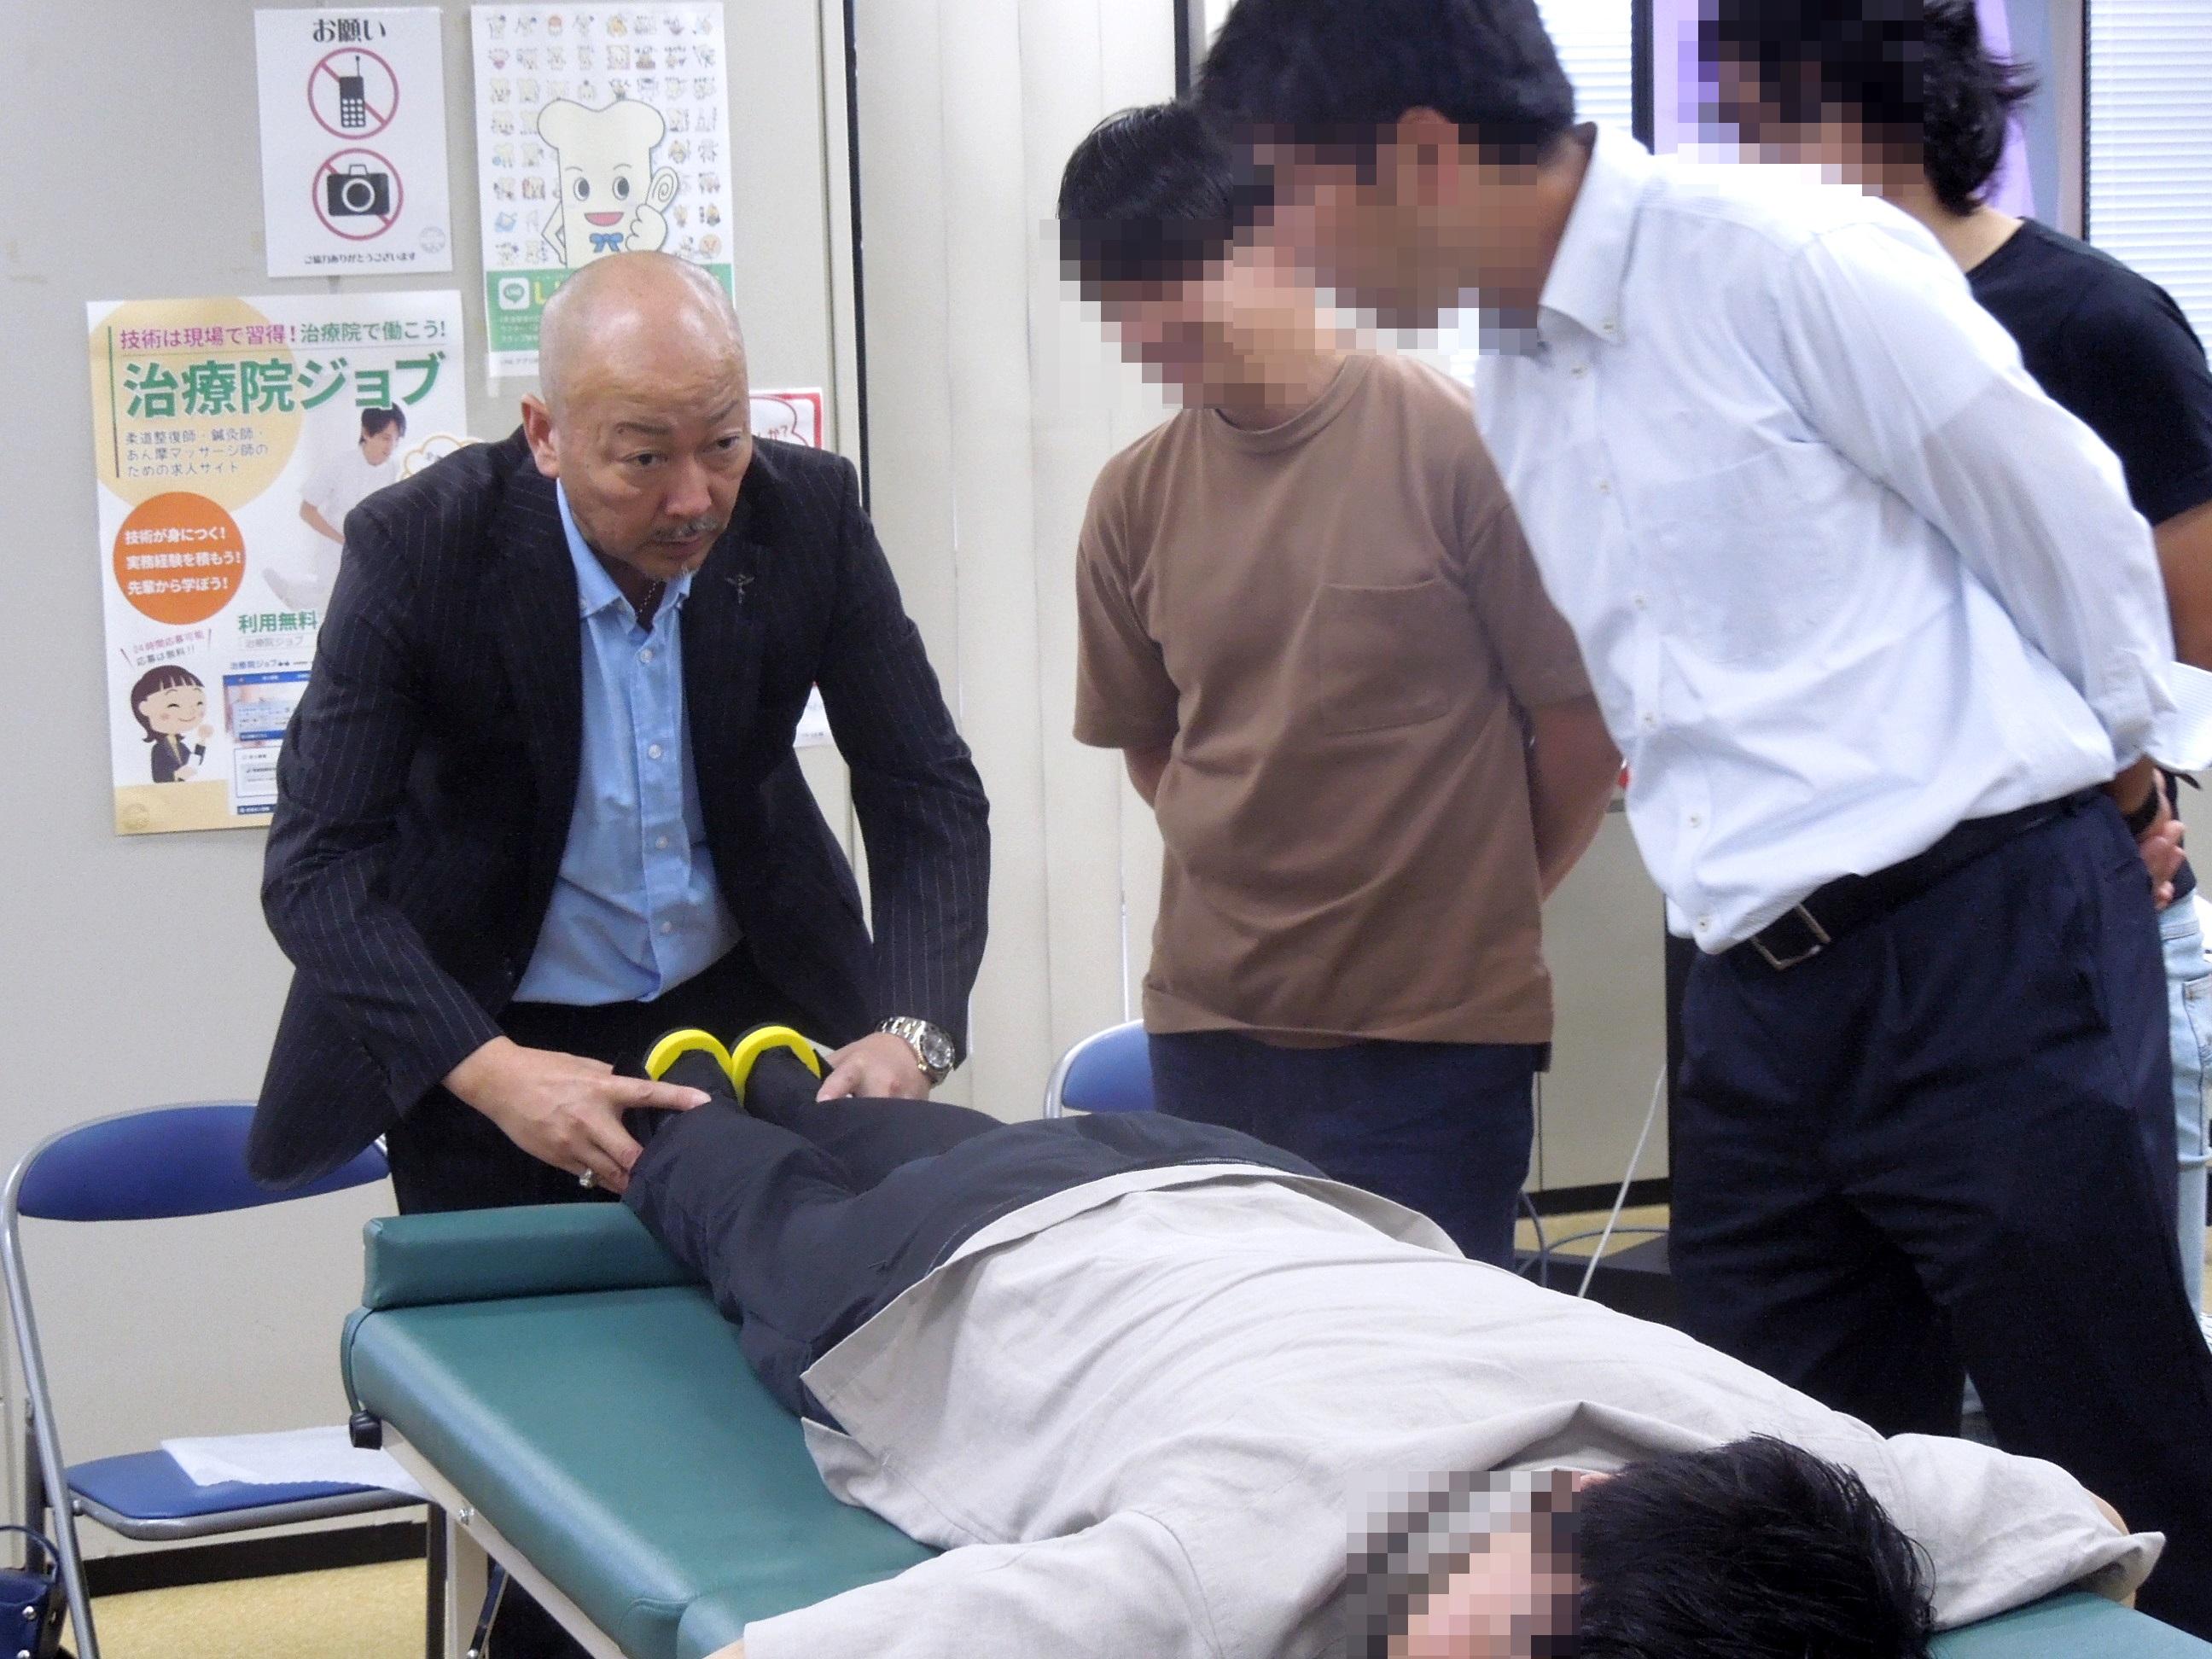 R01.7.14『H.M.T(ハイブリッド・メソッド・テクニック)アイソレーションテスト(脊柱)検査、矯正法』(大阪)